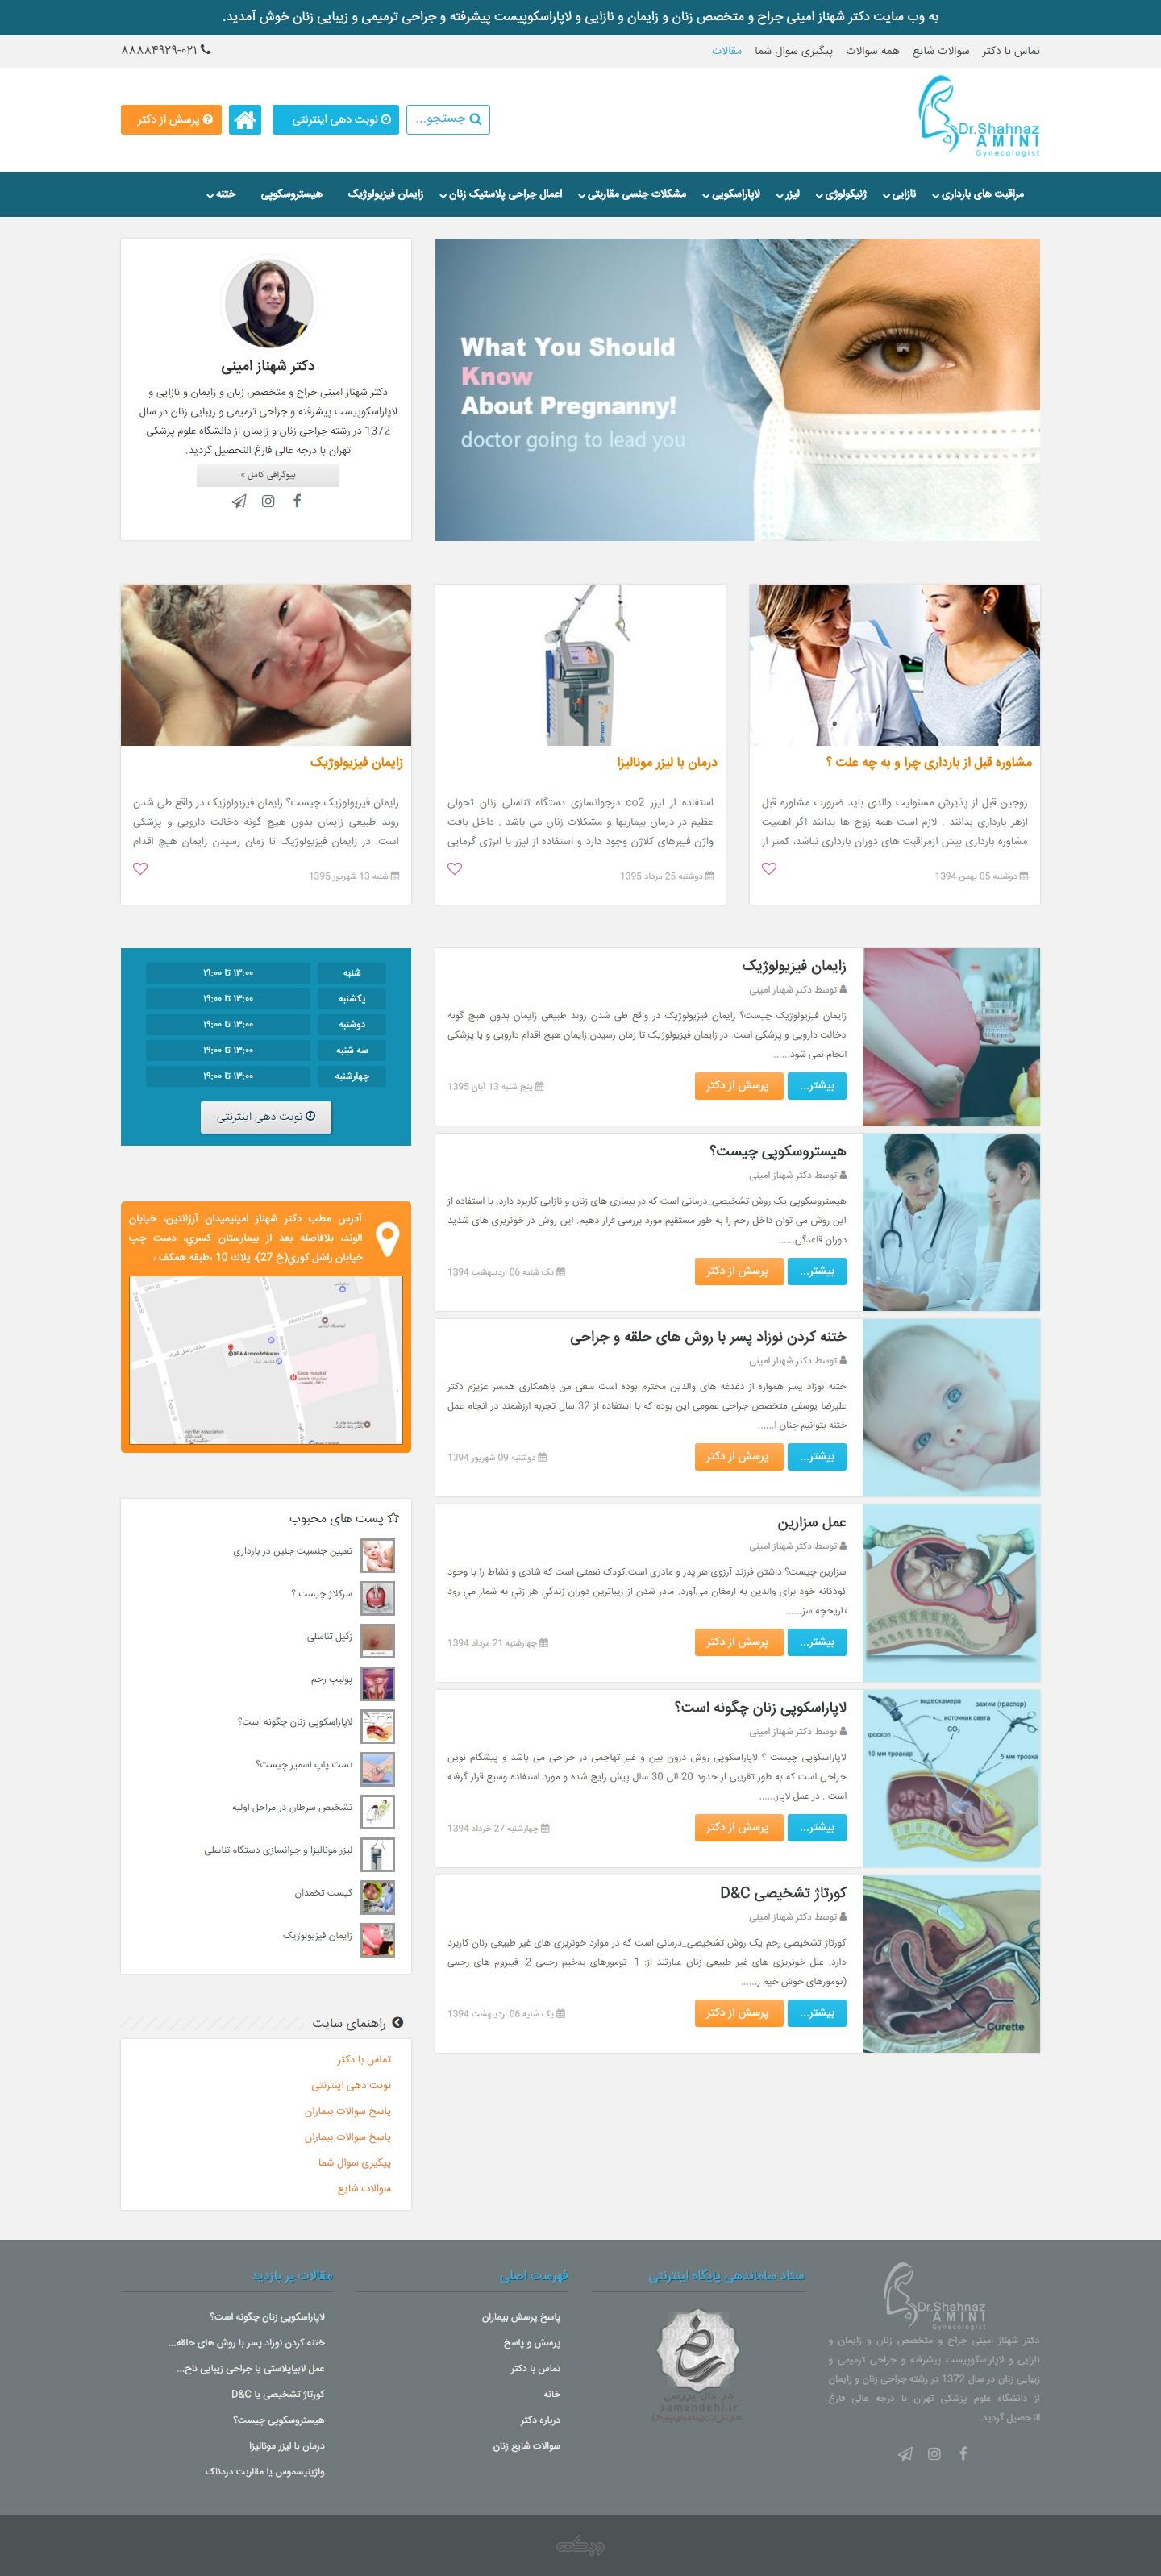 طراحی وب سایت پزشکی خانم دکتر شهناز امینی